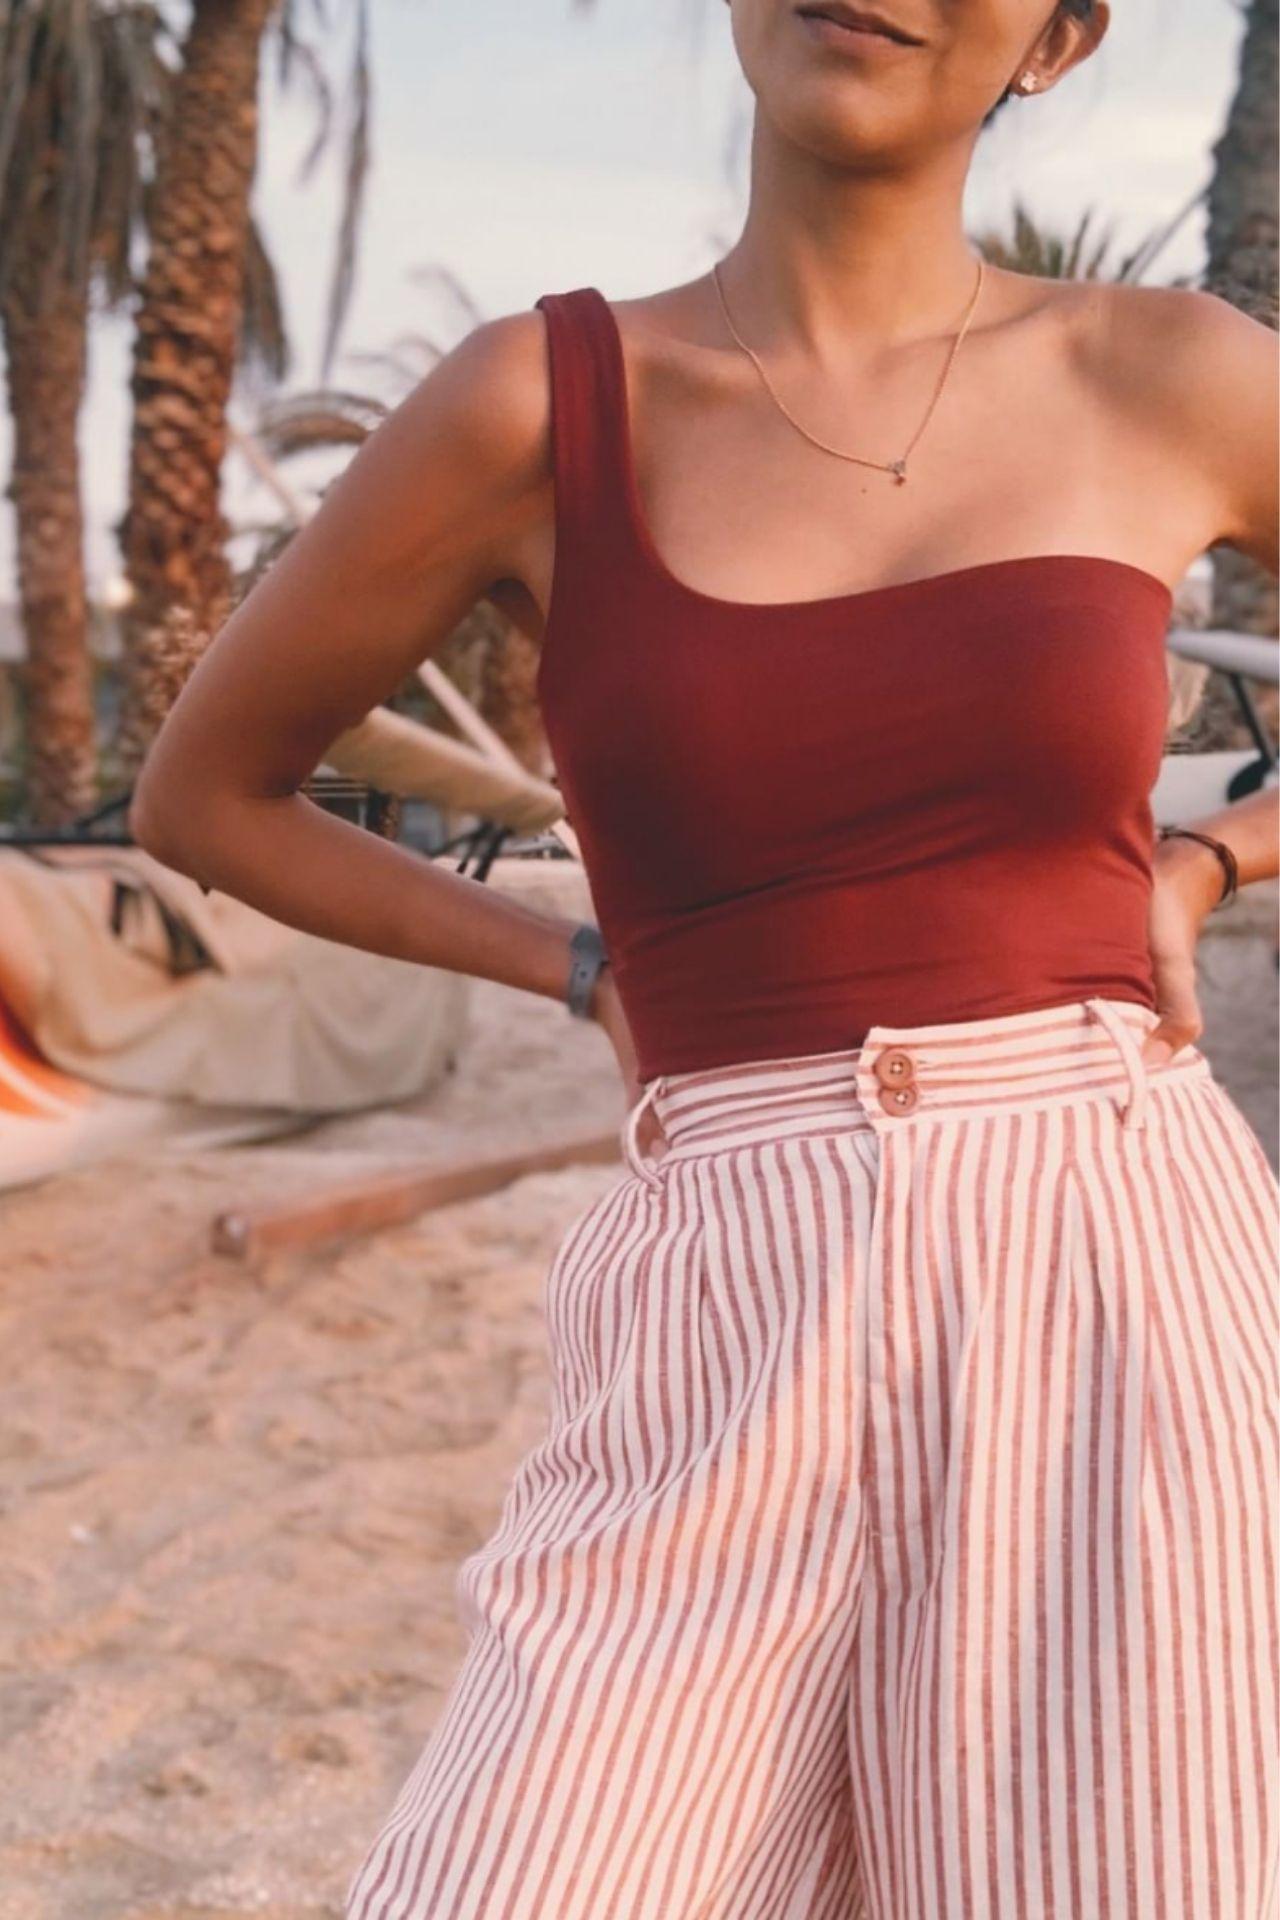 Pantalon de lino, con pretina en la cintura, elástico en la parte trasera de la pretina.  Medidas:  Cintura:  S: 72 cm  M: 80 cm  L: 88 cm  Cadera:  S: 88 cm  M: 96 cm  L: 104 cm  Largo:  S: 72 cm  M: 90.5 cm  L: 92 cm